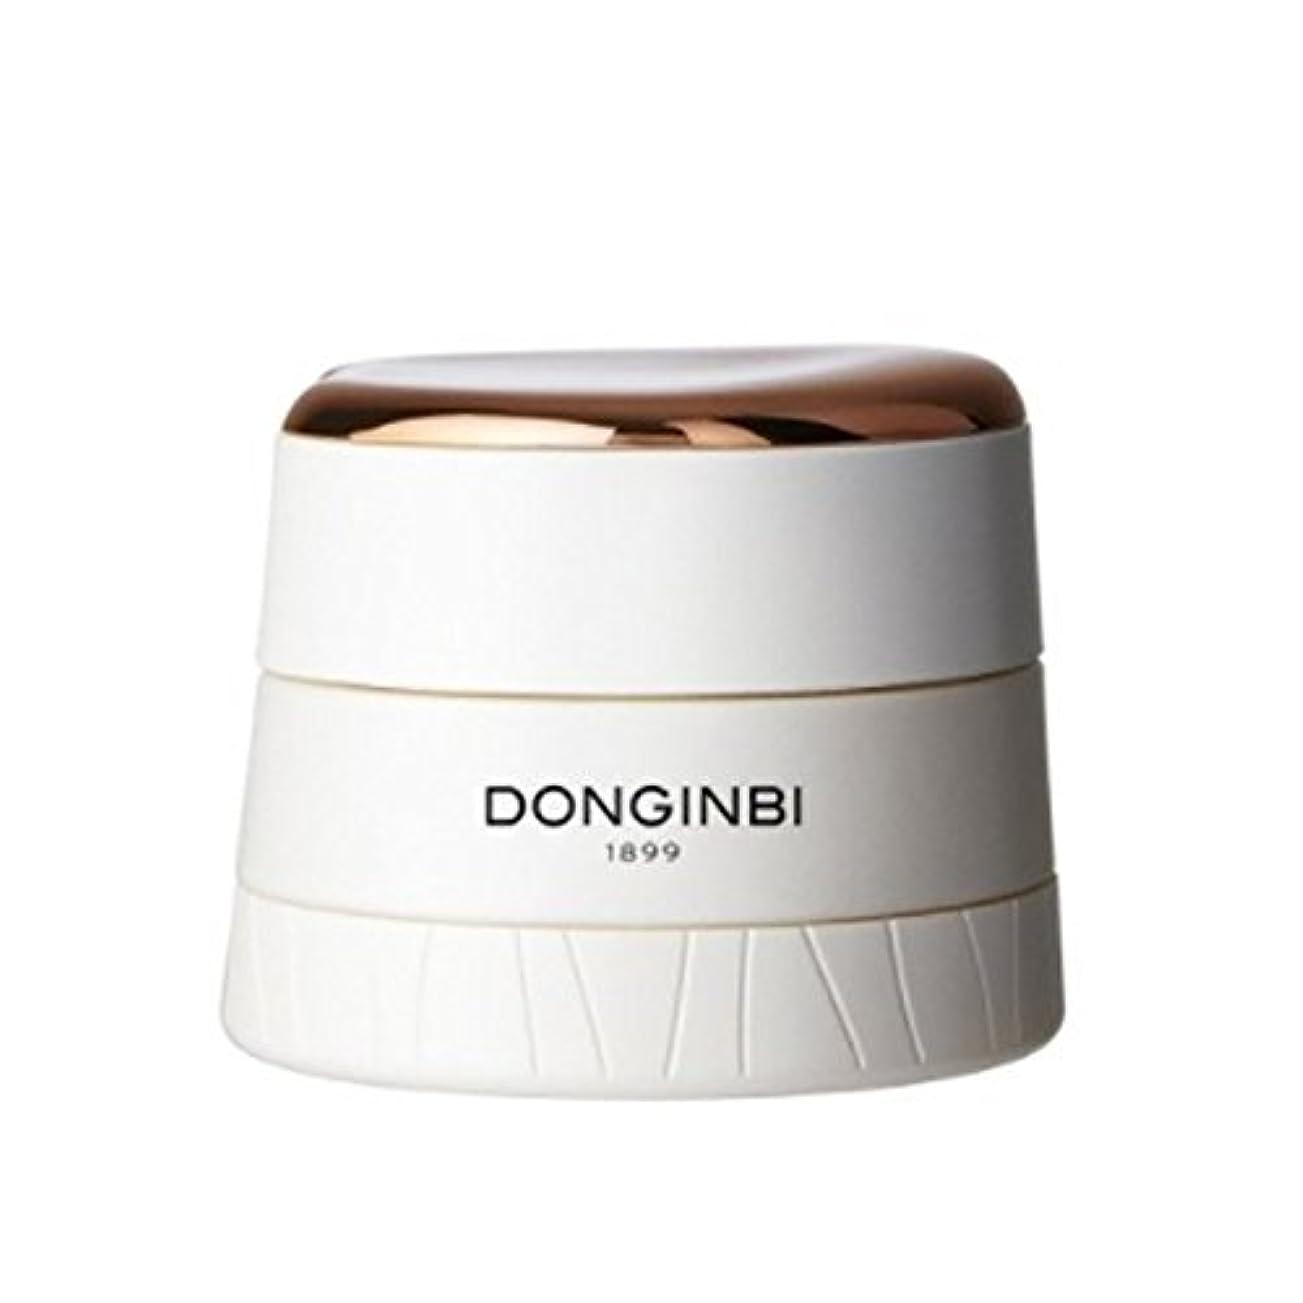 [ドンインビ]DONGINBI ドンインビユン クリーム60ml 海外直送品 cream 60ml [並行輸入品]